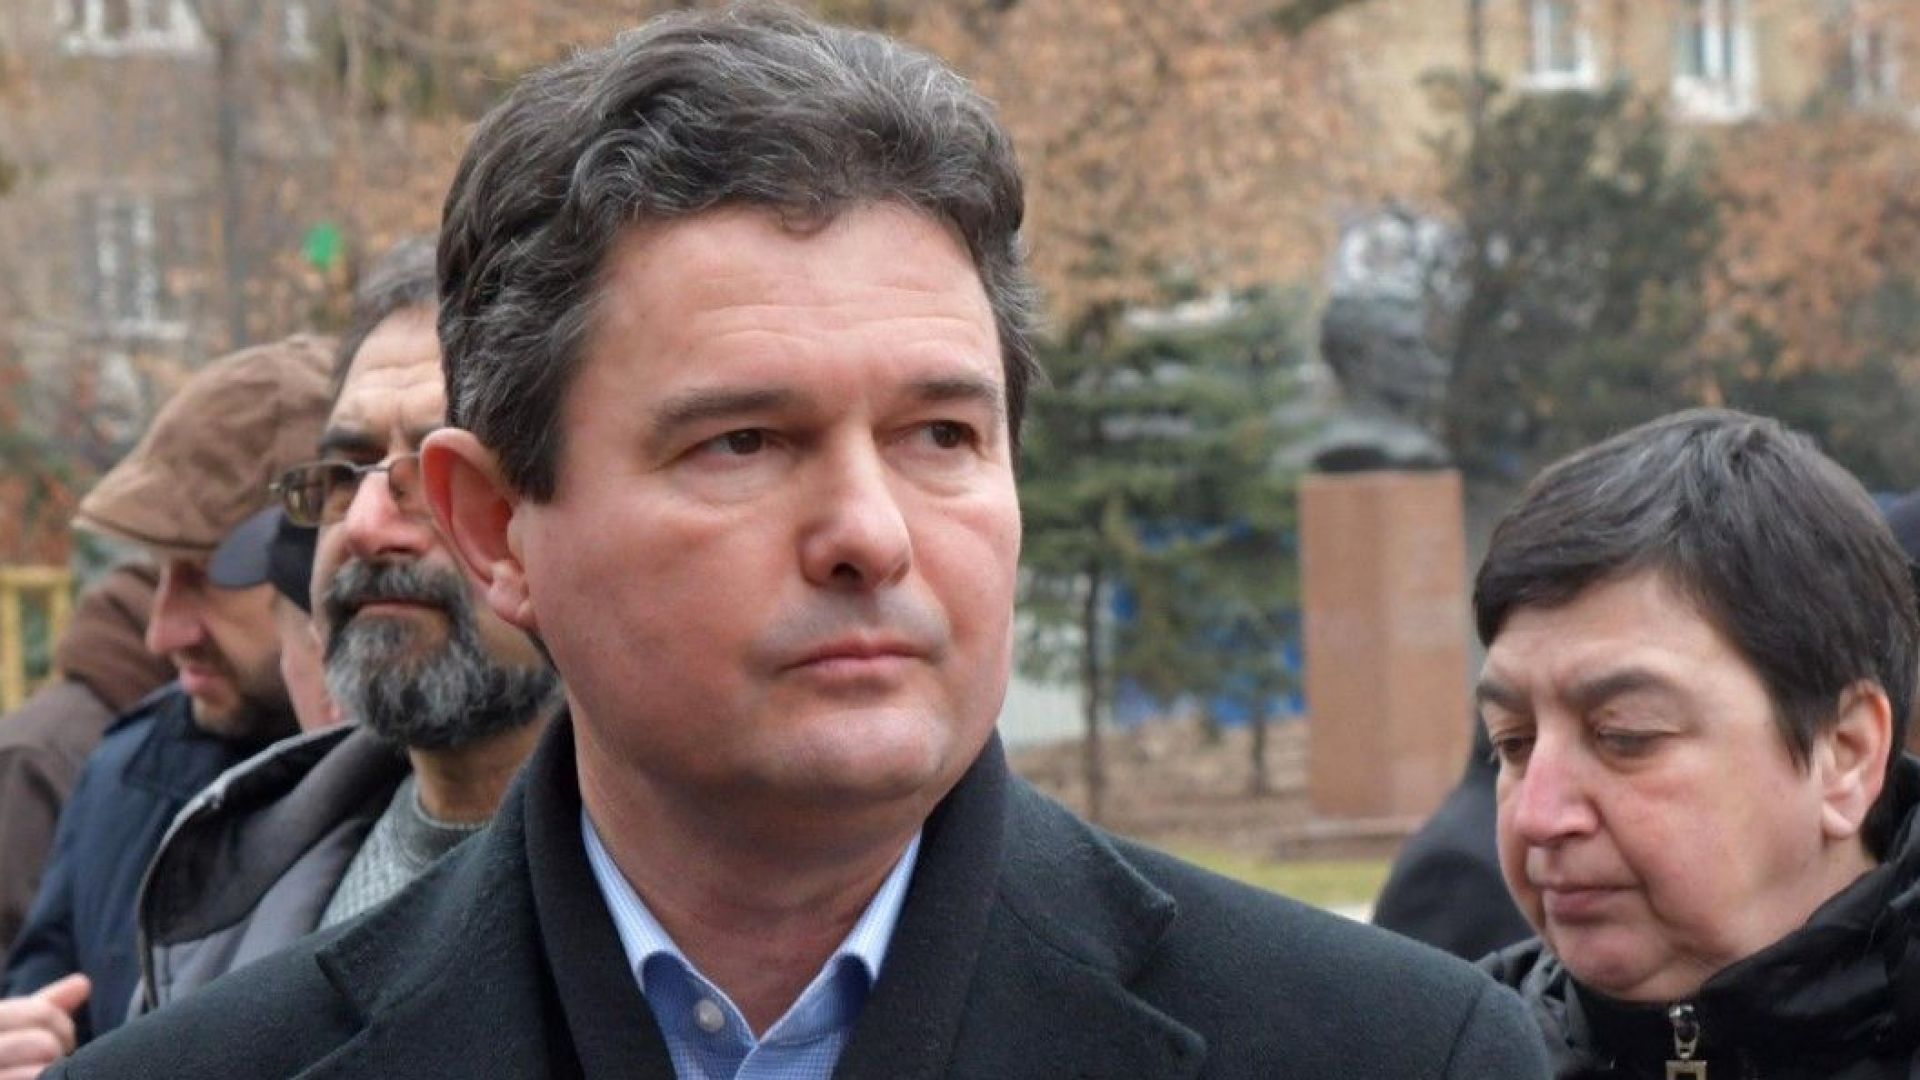 Зеленогорски: Случилото се с реформаторите ще бледнее пред това, което предстои на патриотите